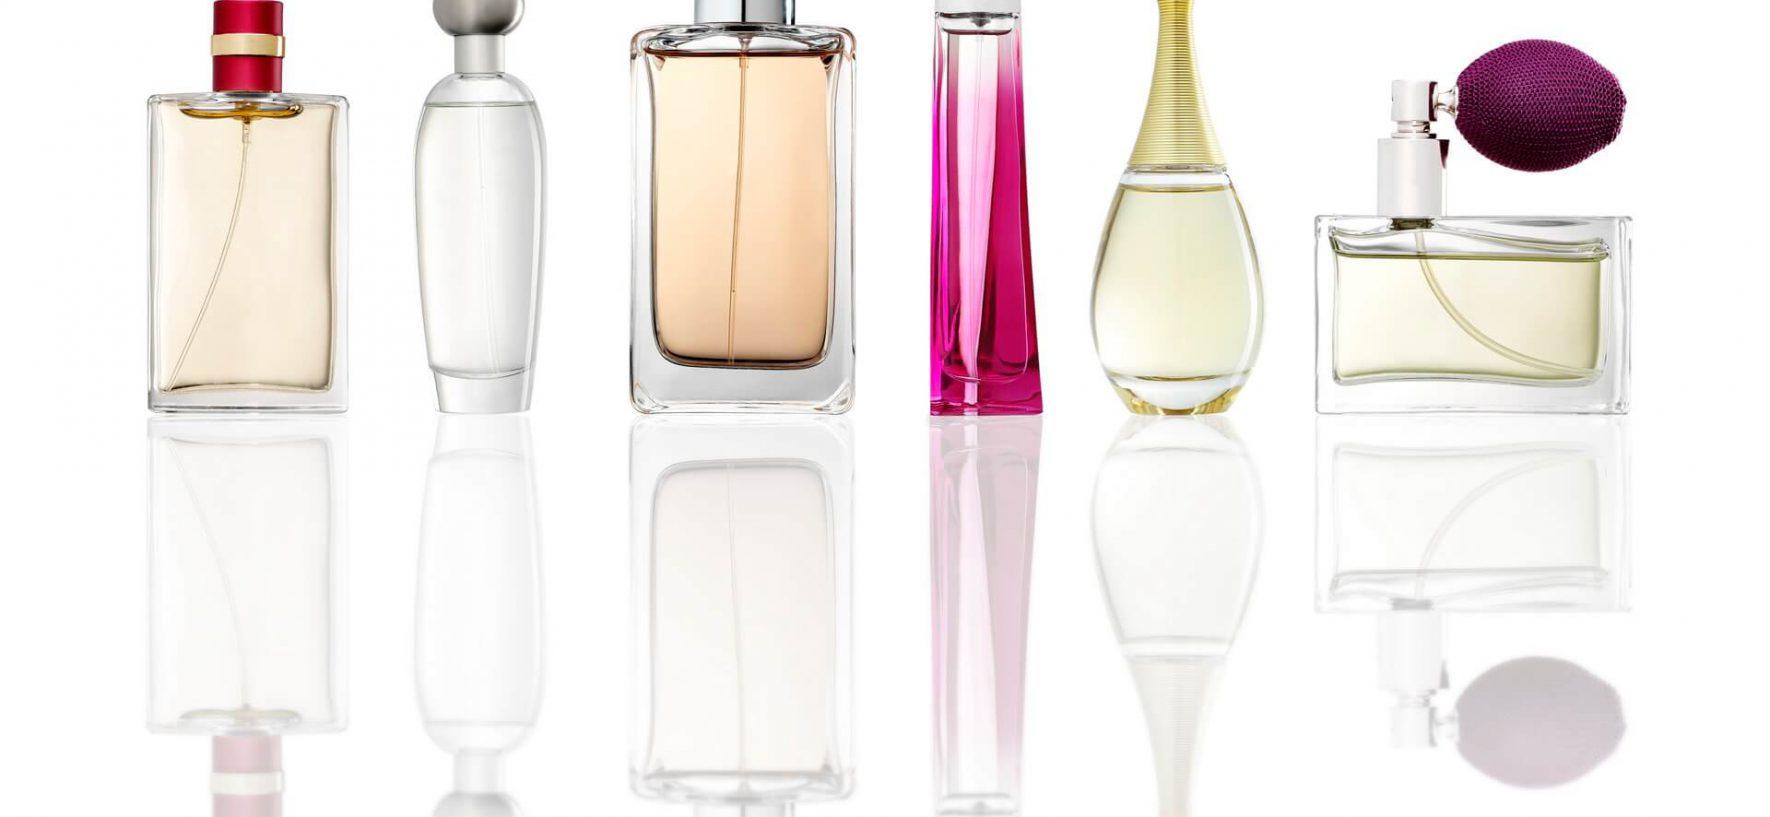 One <b>Perfume</b>, Four Ways to Wear It